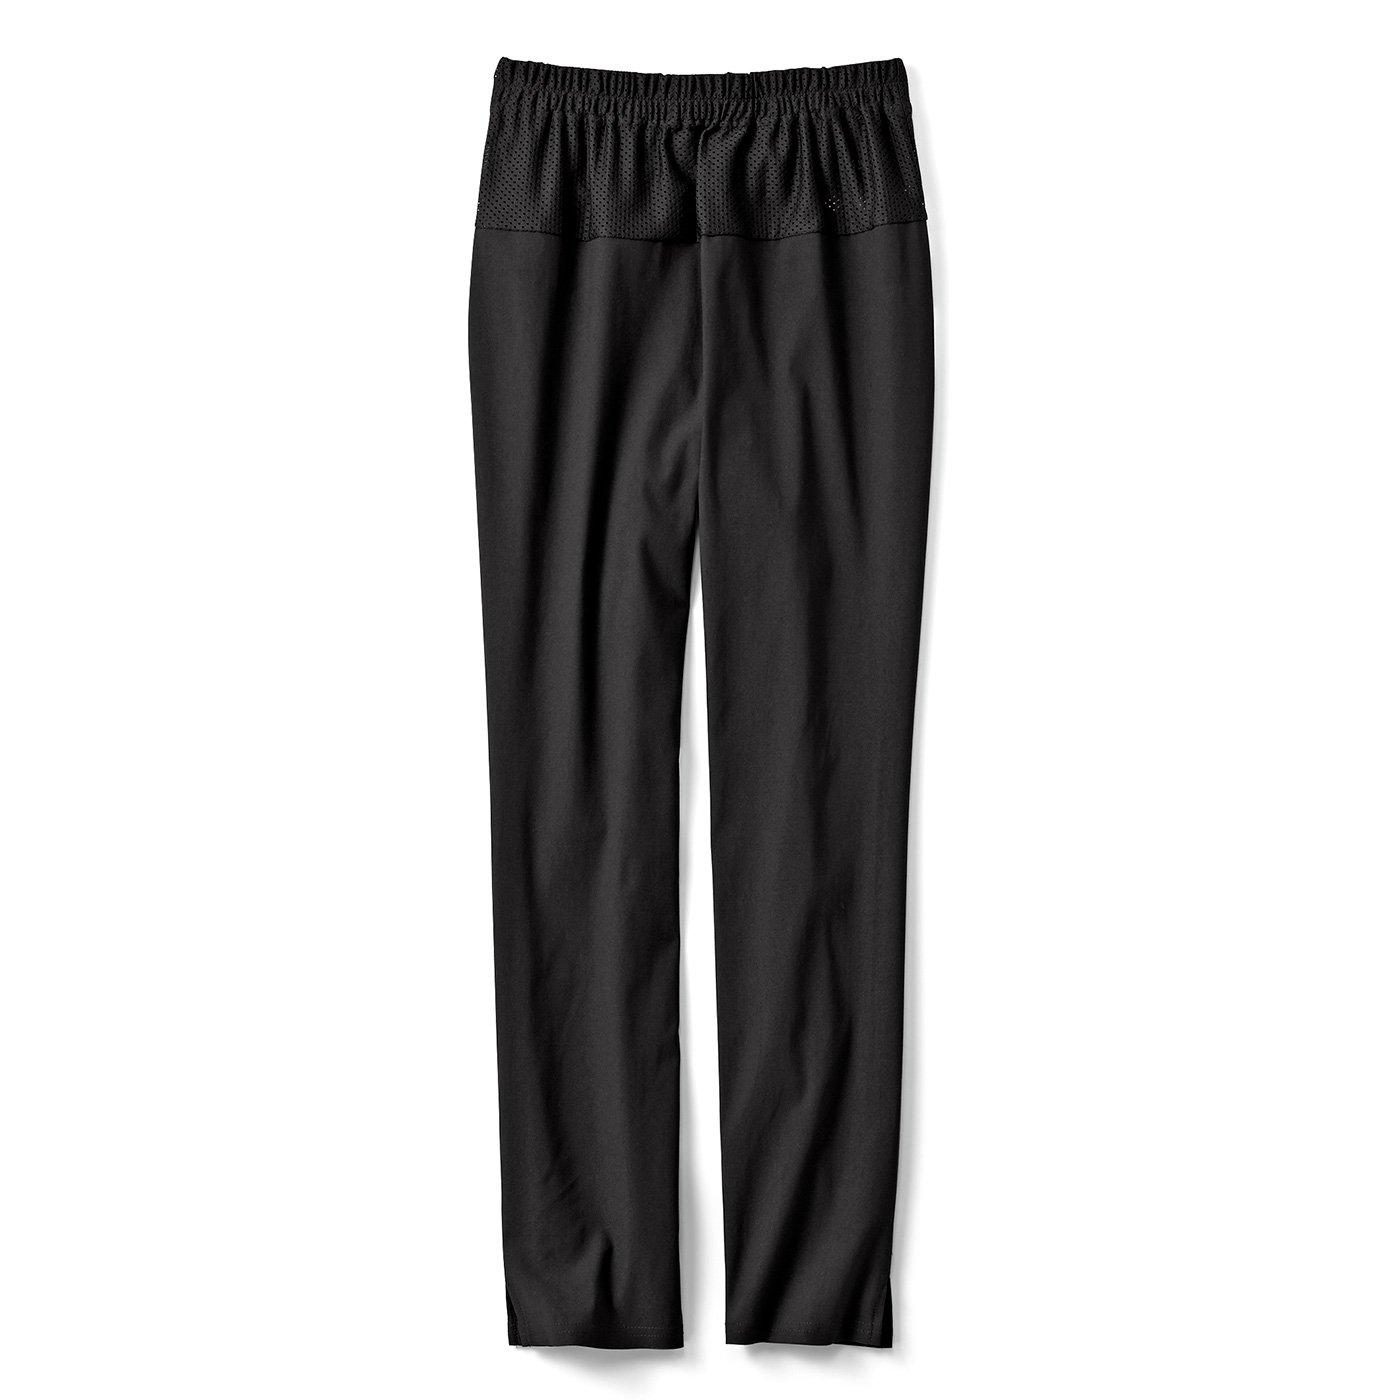 【3~10日でお届け】IEDIT[イディット] ウエストメッシュで快適 ストレッチ布はく素材の美脚レギンスパンツ〈ブラック〉